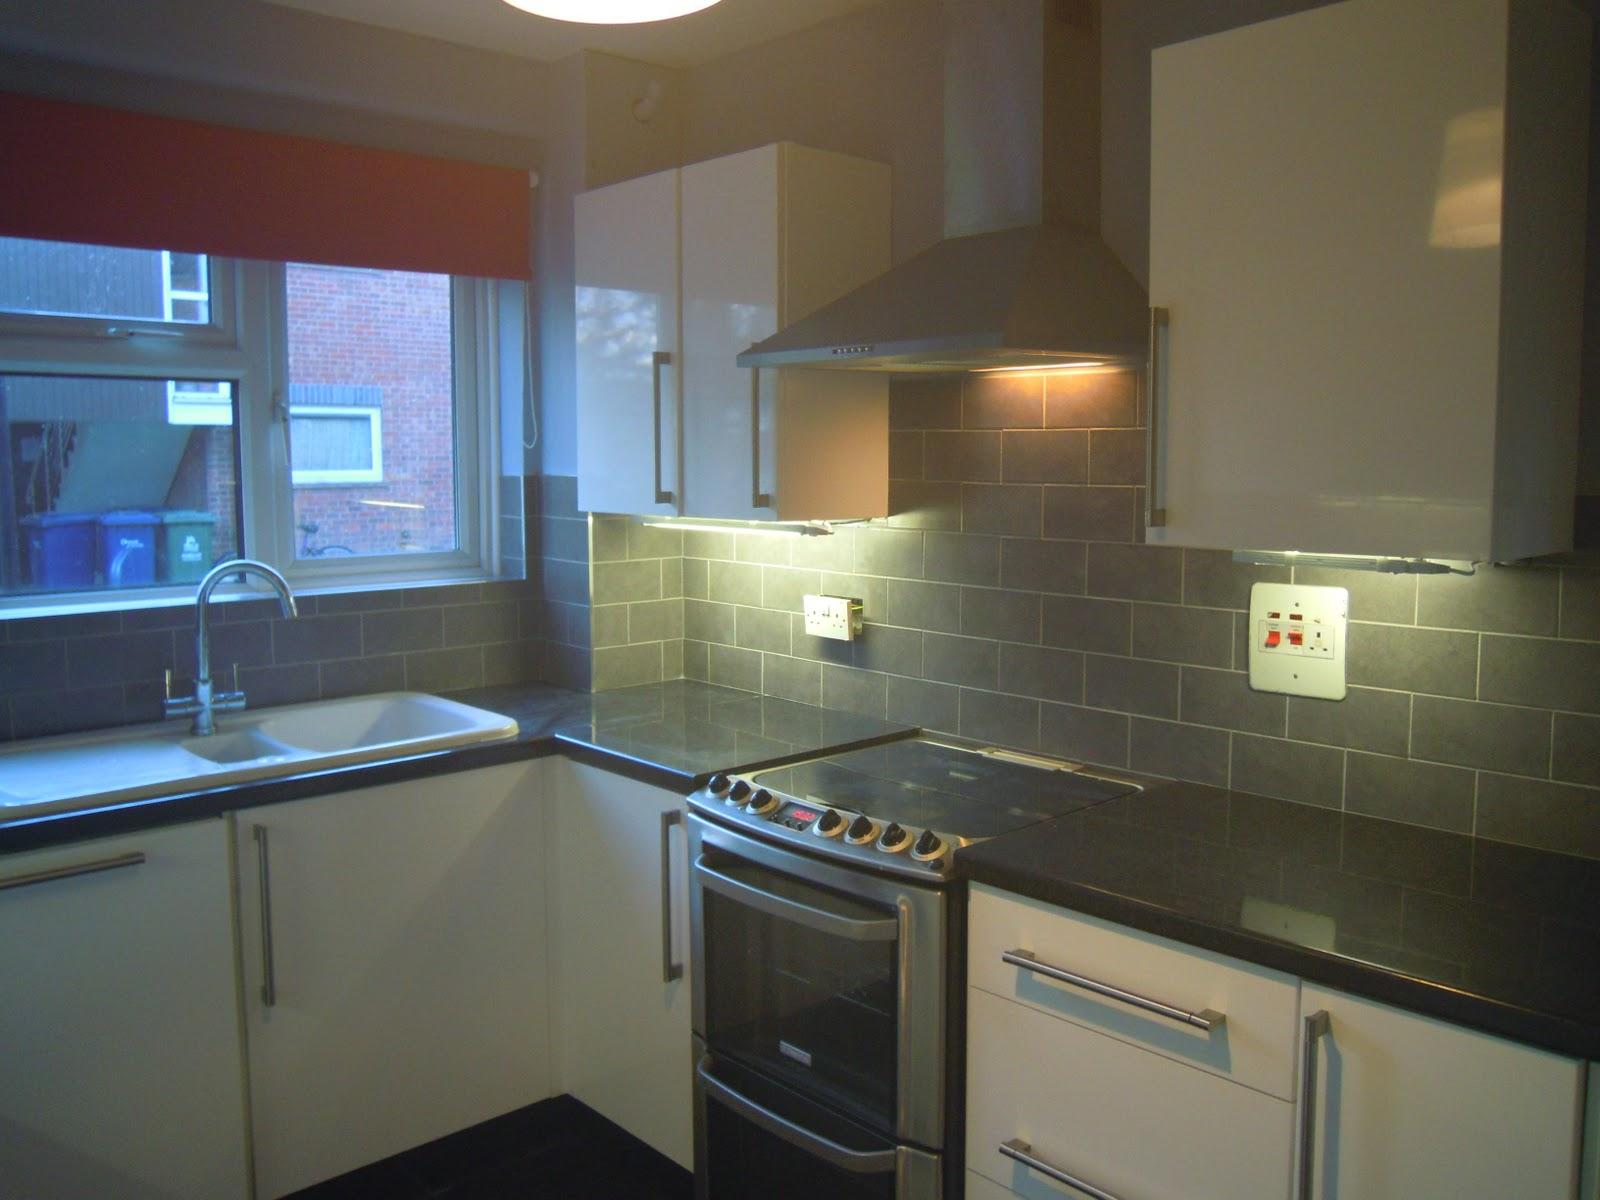 http://2.bp.blogspot.com/-FNjbbFG4brY/Tya6g5ybDOI/AAAAAAAAACw/1ZlFBmYtUDA/s1600/Smooth+Design+Tiling+Kitchen+Cambridge+2.jpg